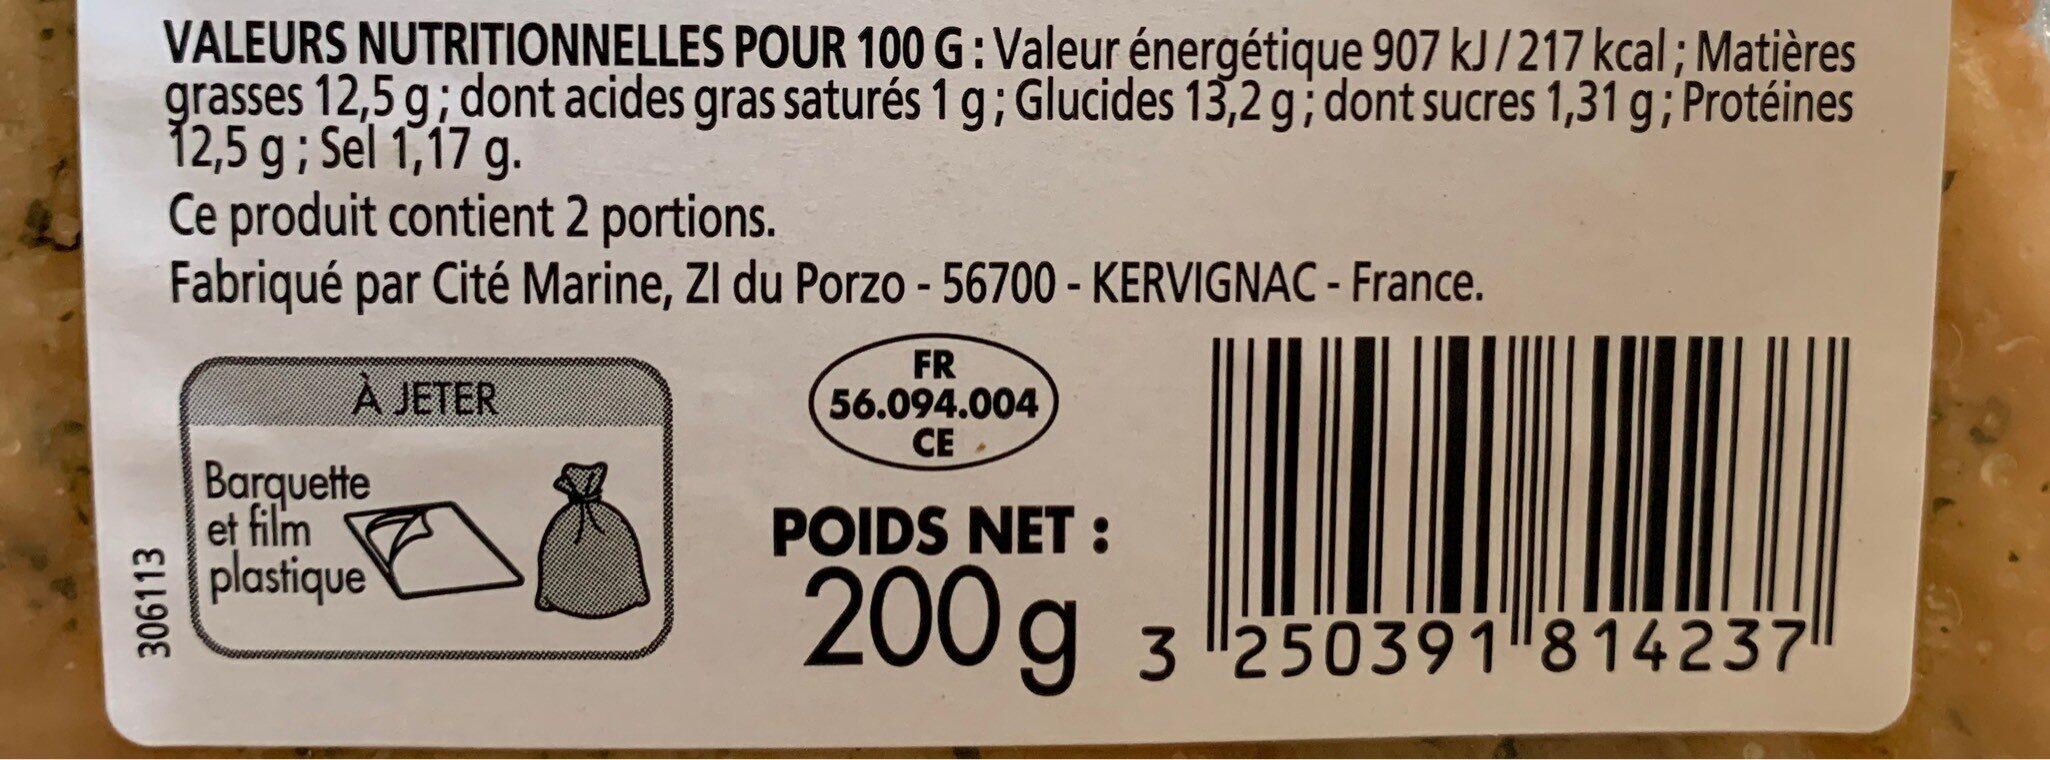 Filet de Limande du Nord Meunière - Voedingswaarden - fr